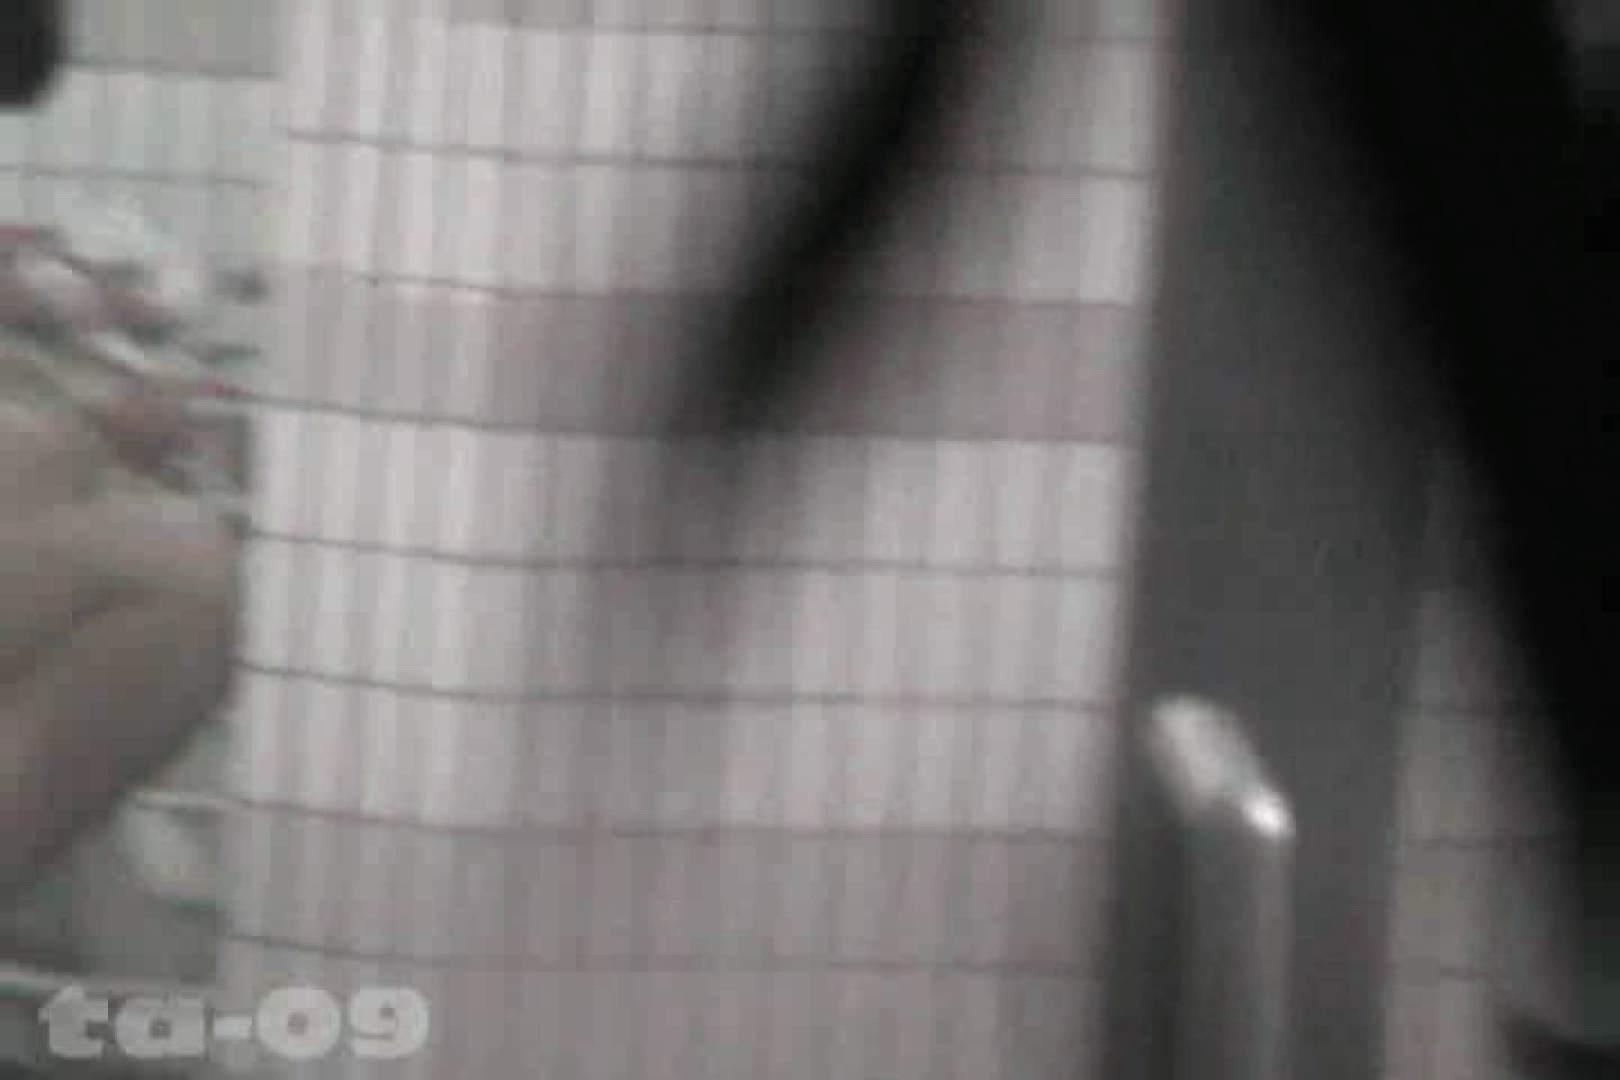 合宿ホテル女風呂盗撮高画質版 Vol.09 高画質 おまんこ無修正動画無料 96枚 67